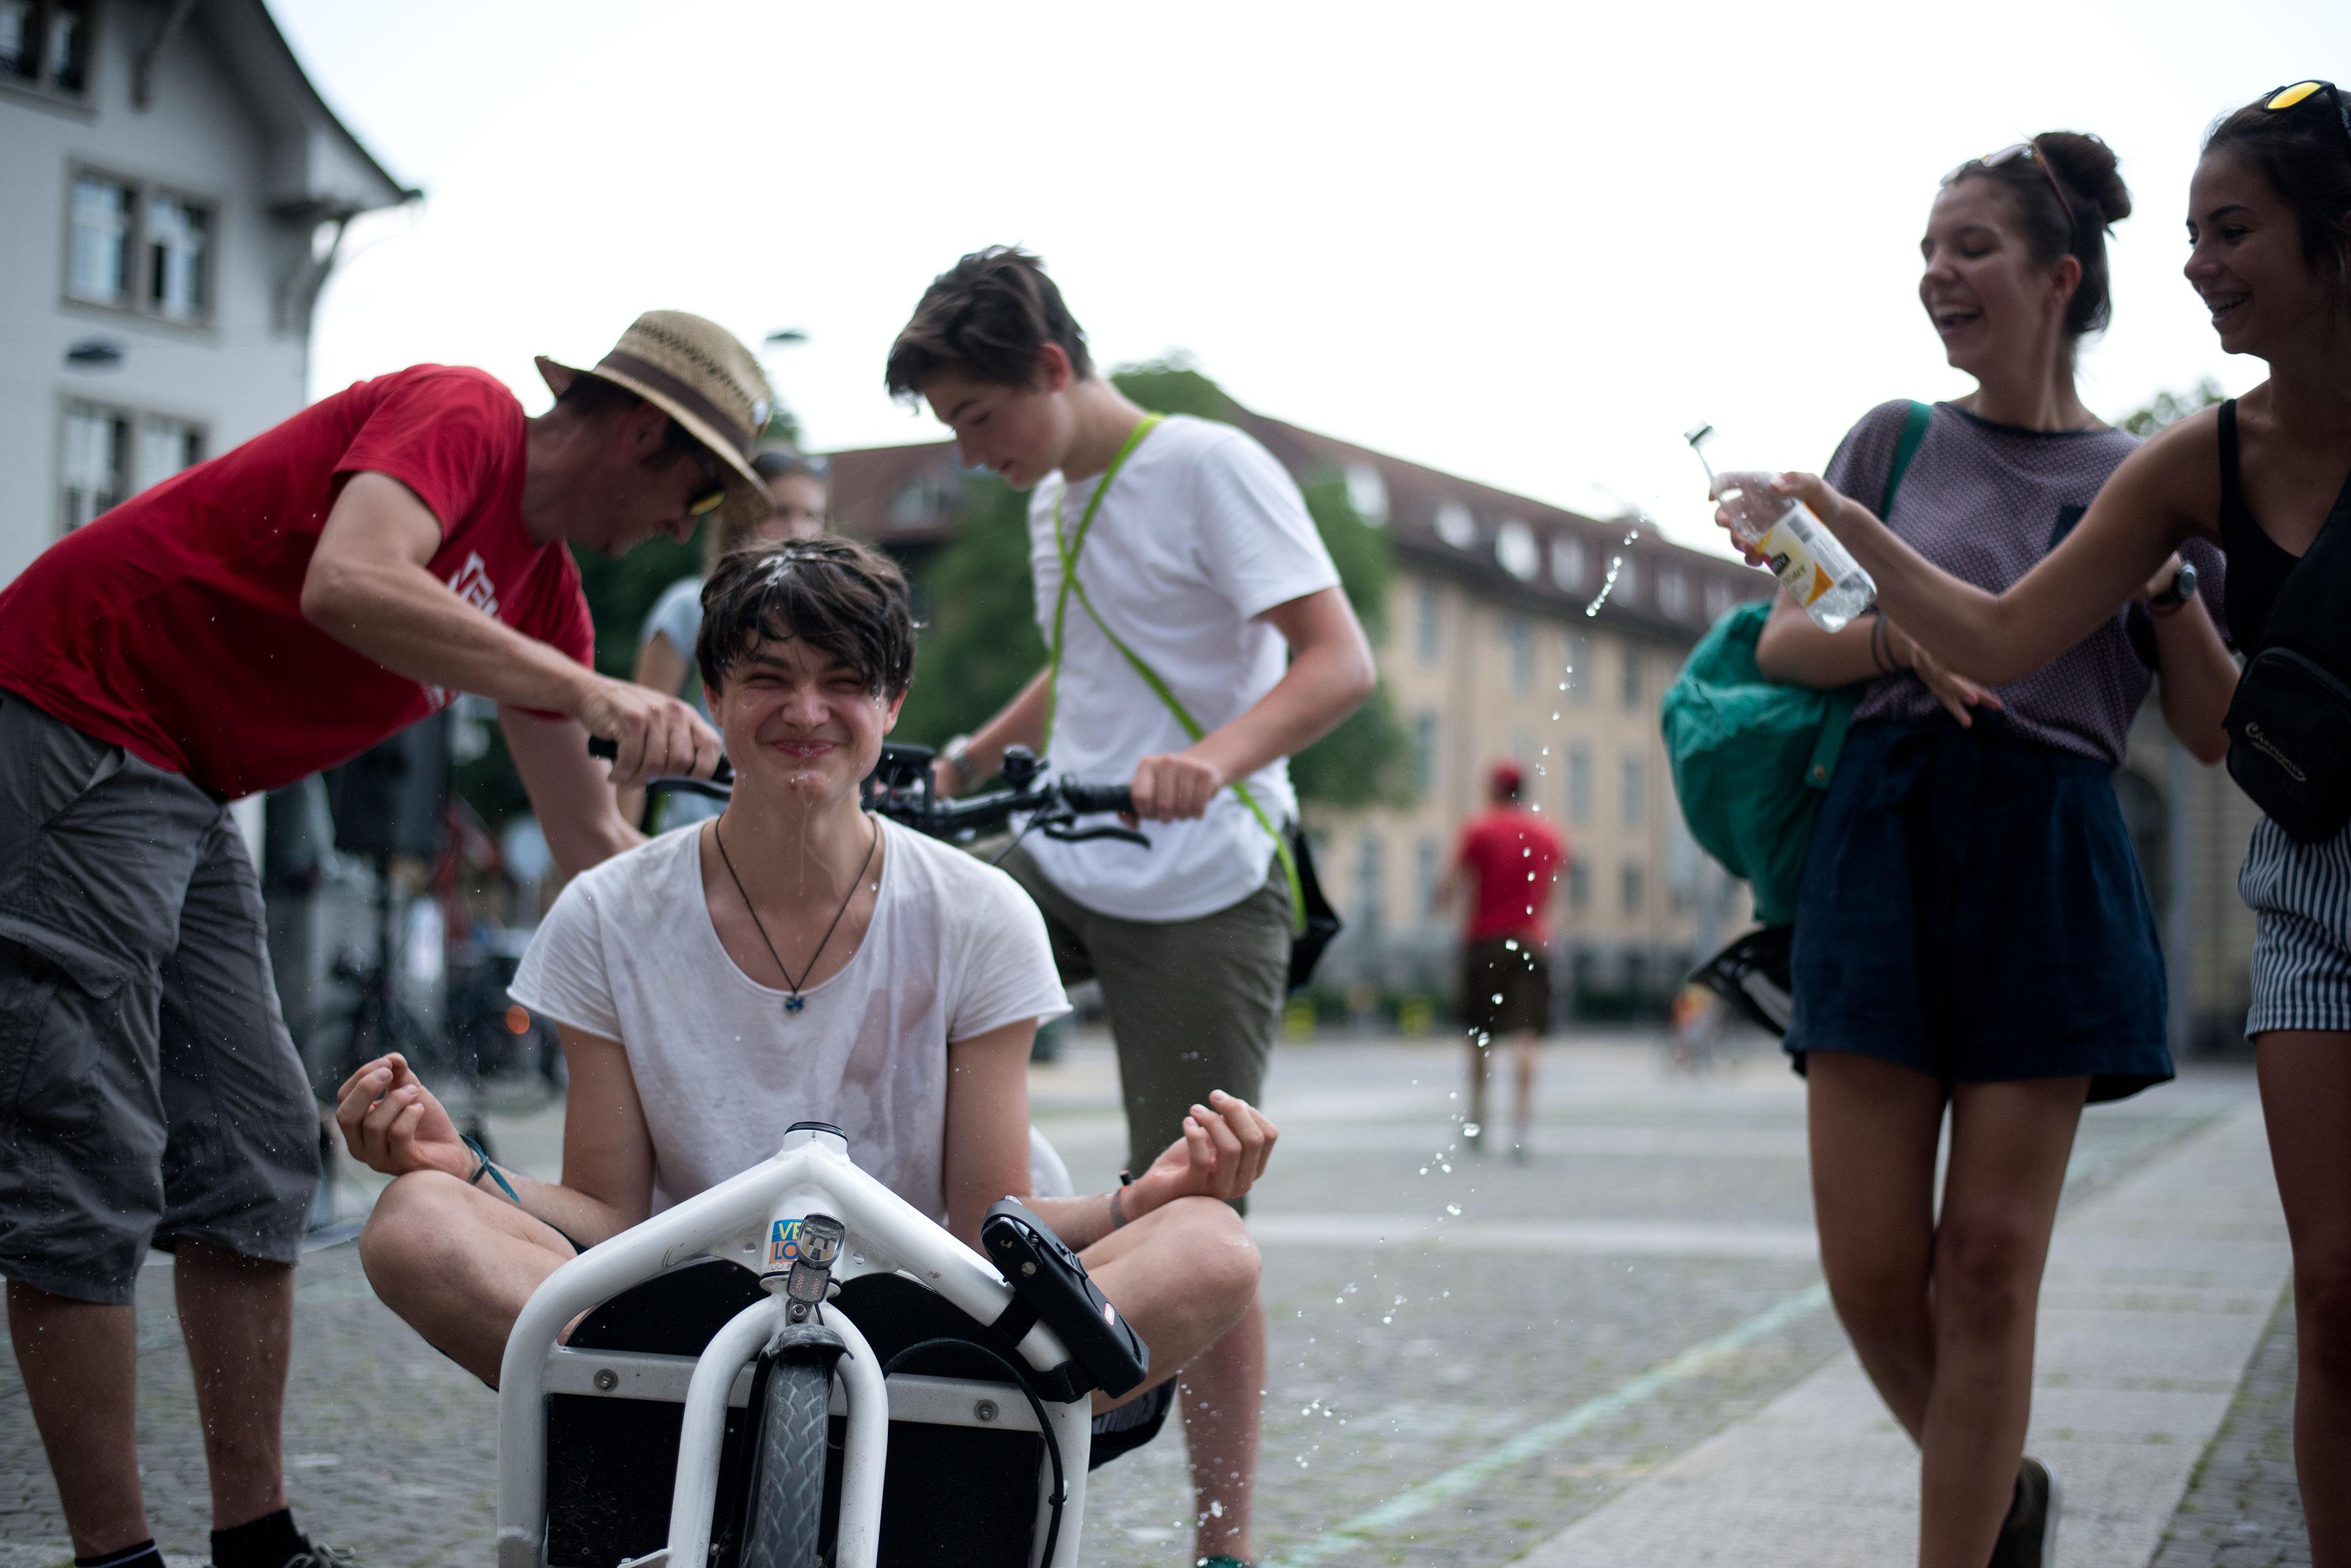 Zürich, mercredi 21 juin 2017. Helvetiaplatz et environs. Finale Suisse Allemande de DEFI Vélo. Copyright © Marius Affolter 2017